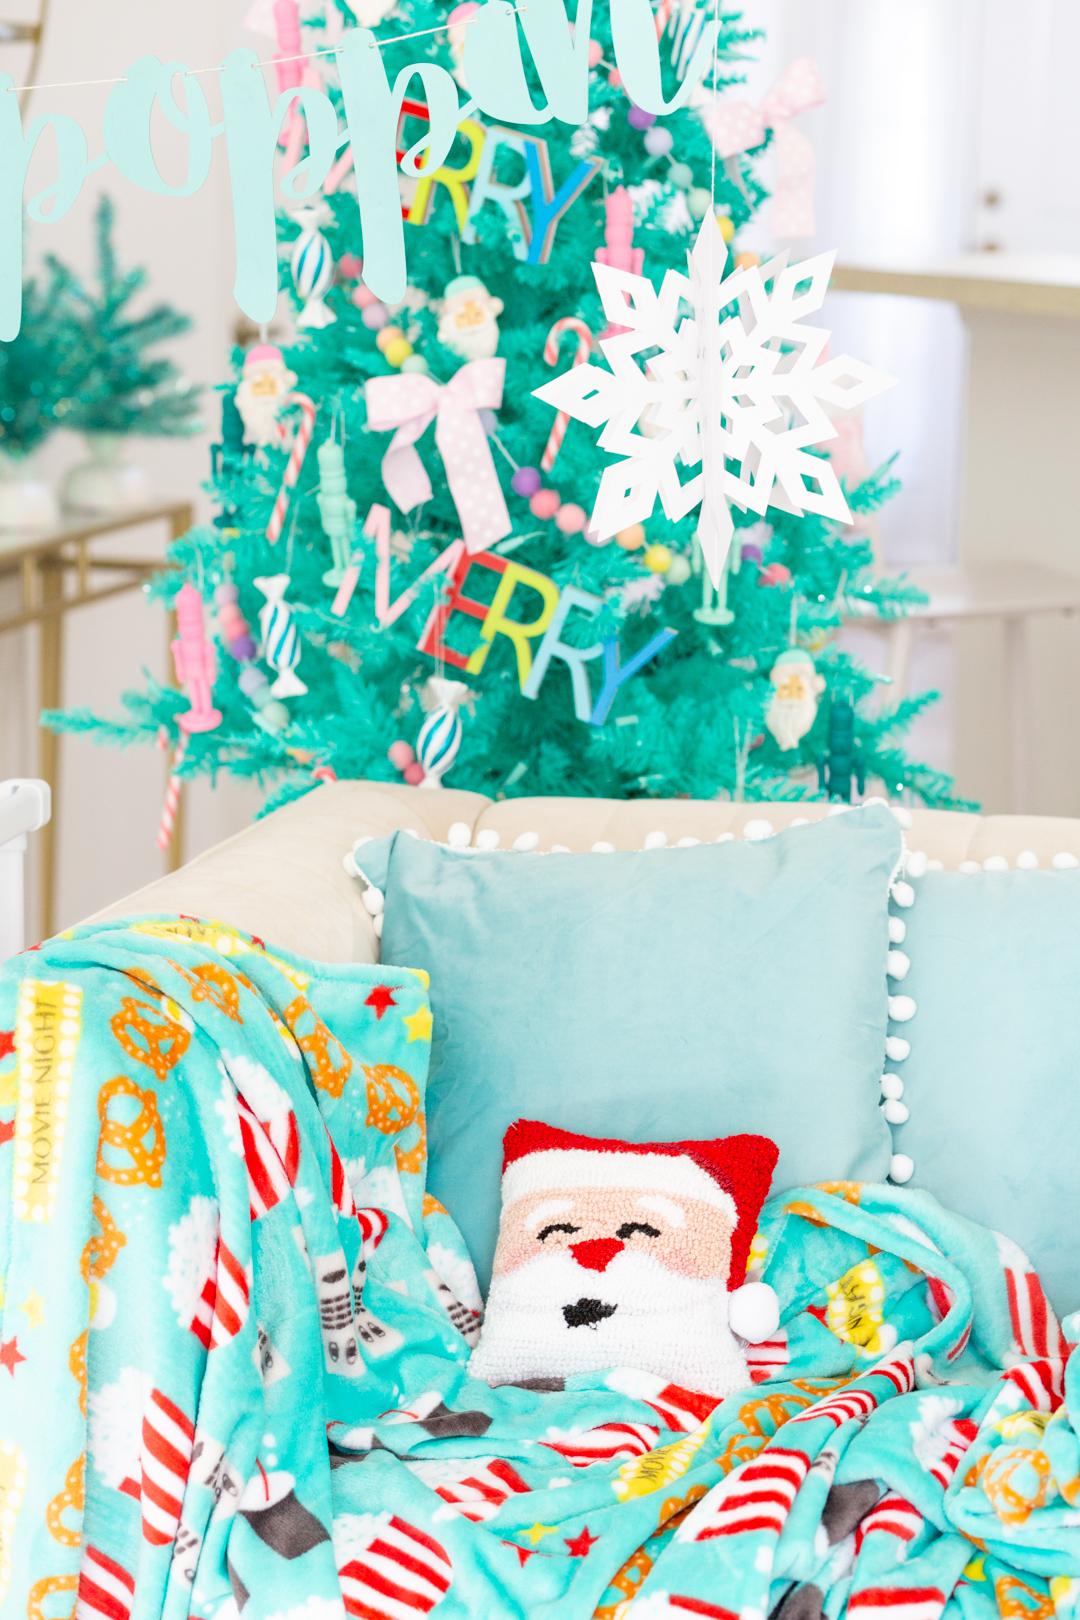 cozy movie night with movie themed throw and christmas tree